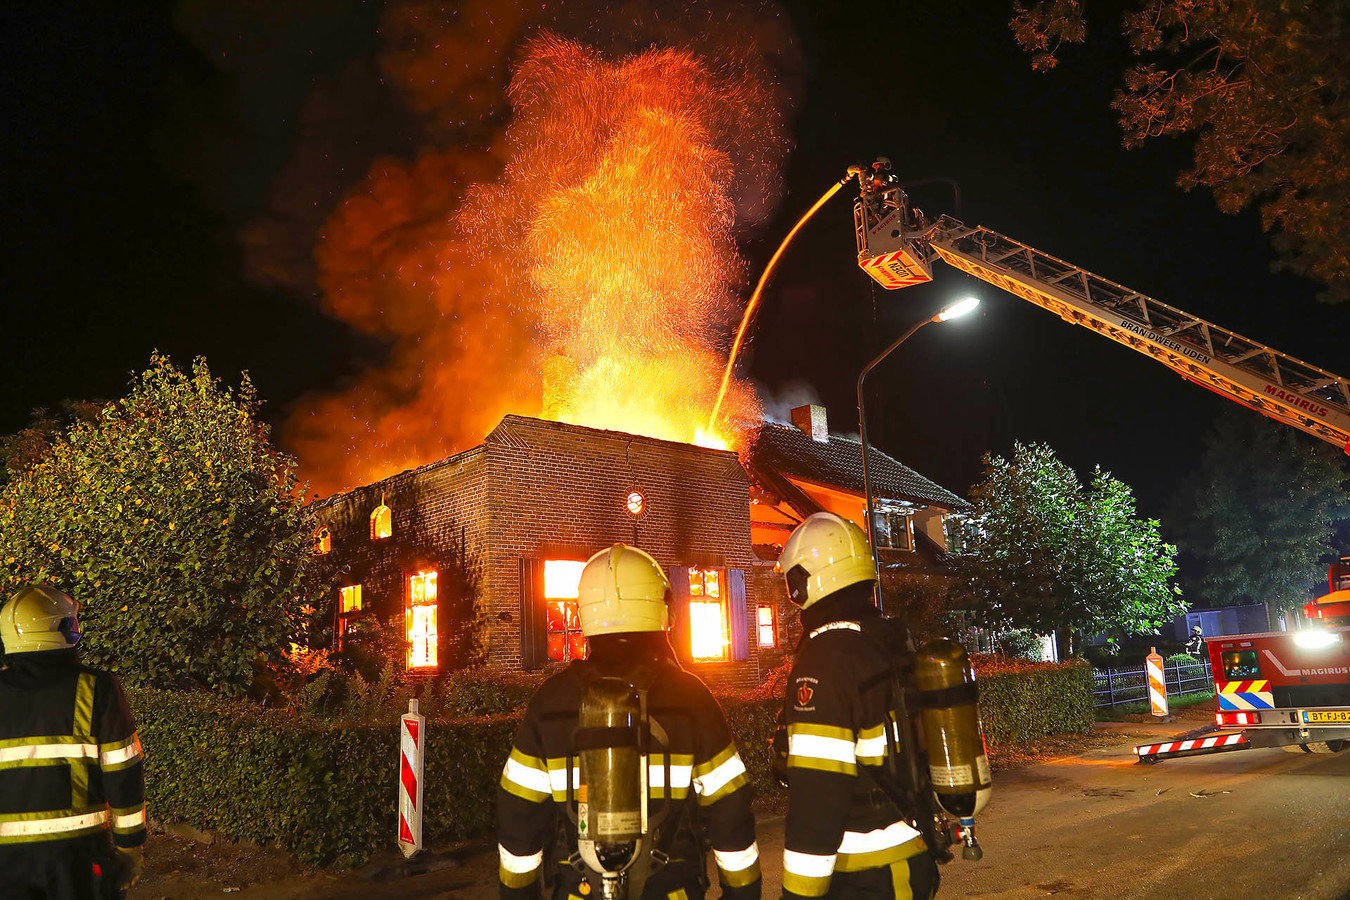 De brand in 2018 verwoestte een woning aan de Lietingstraat in Haren.